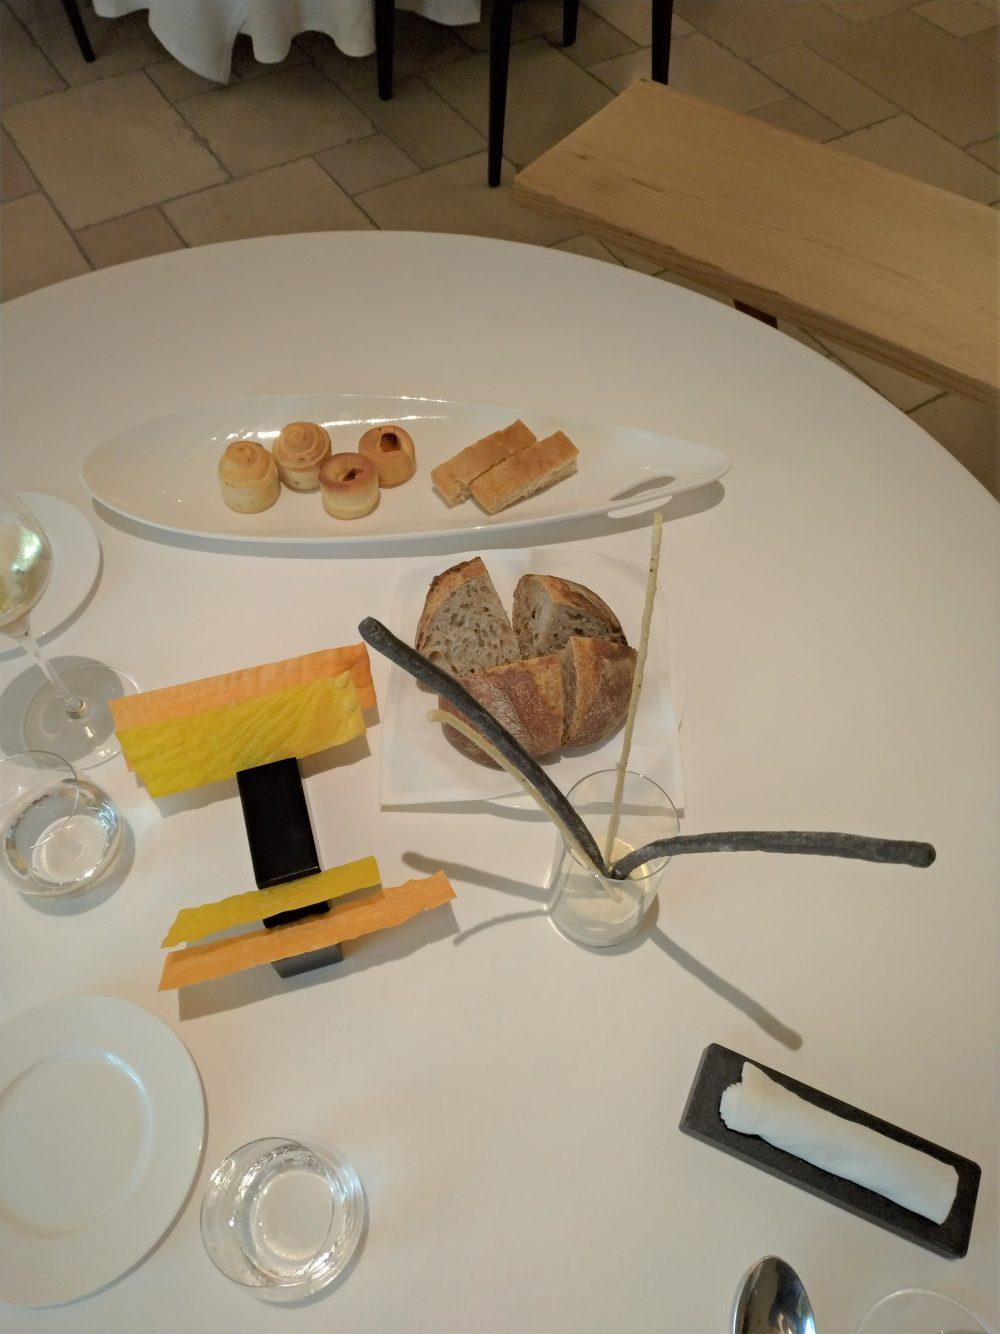 Magione Papale - Lievito madre - pane integrale e solina, cialde pomodoro e zafferano e panini chiusi e aperti con stecche croccanti all'oliva e al rosmarino